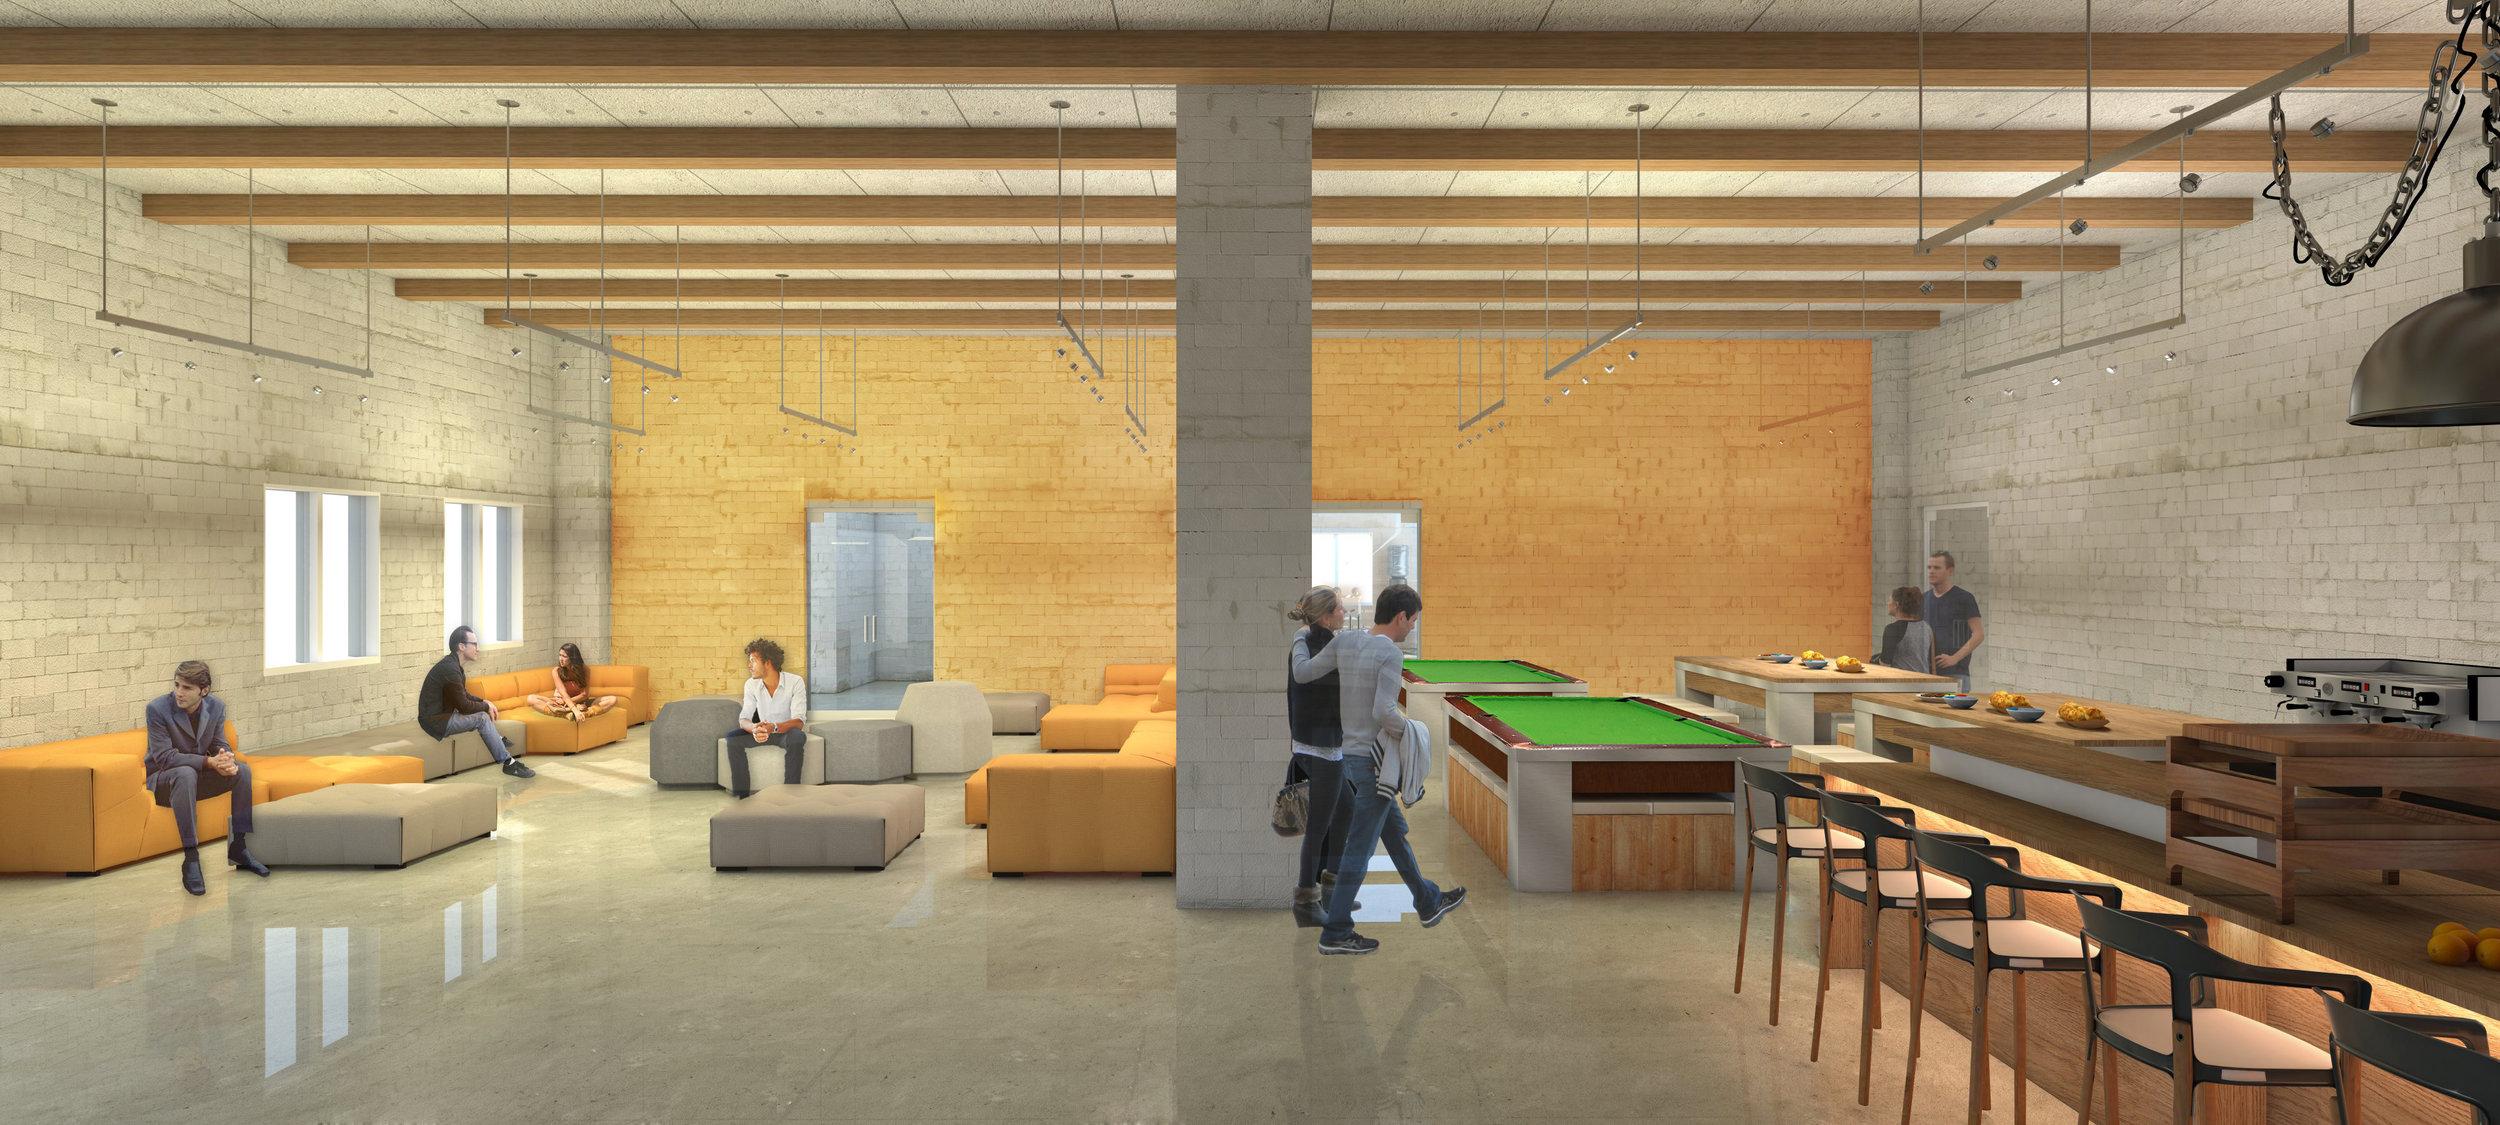 xiao-yan-public-rental-housing-mfa-1_17454543548_o.jpg